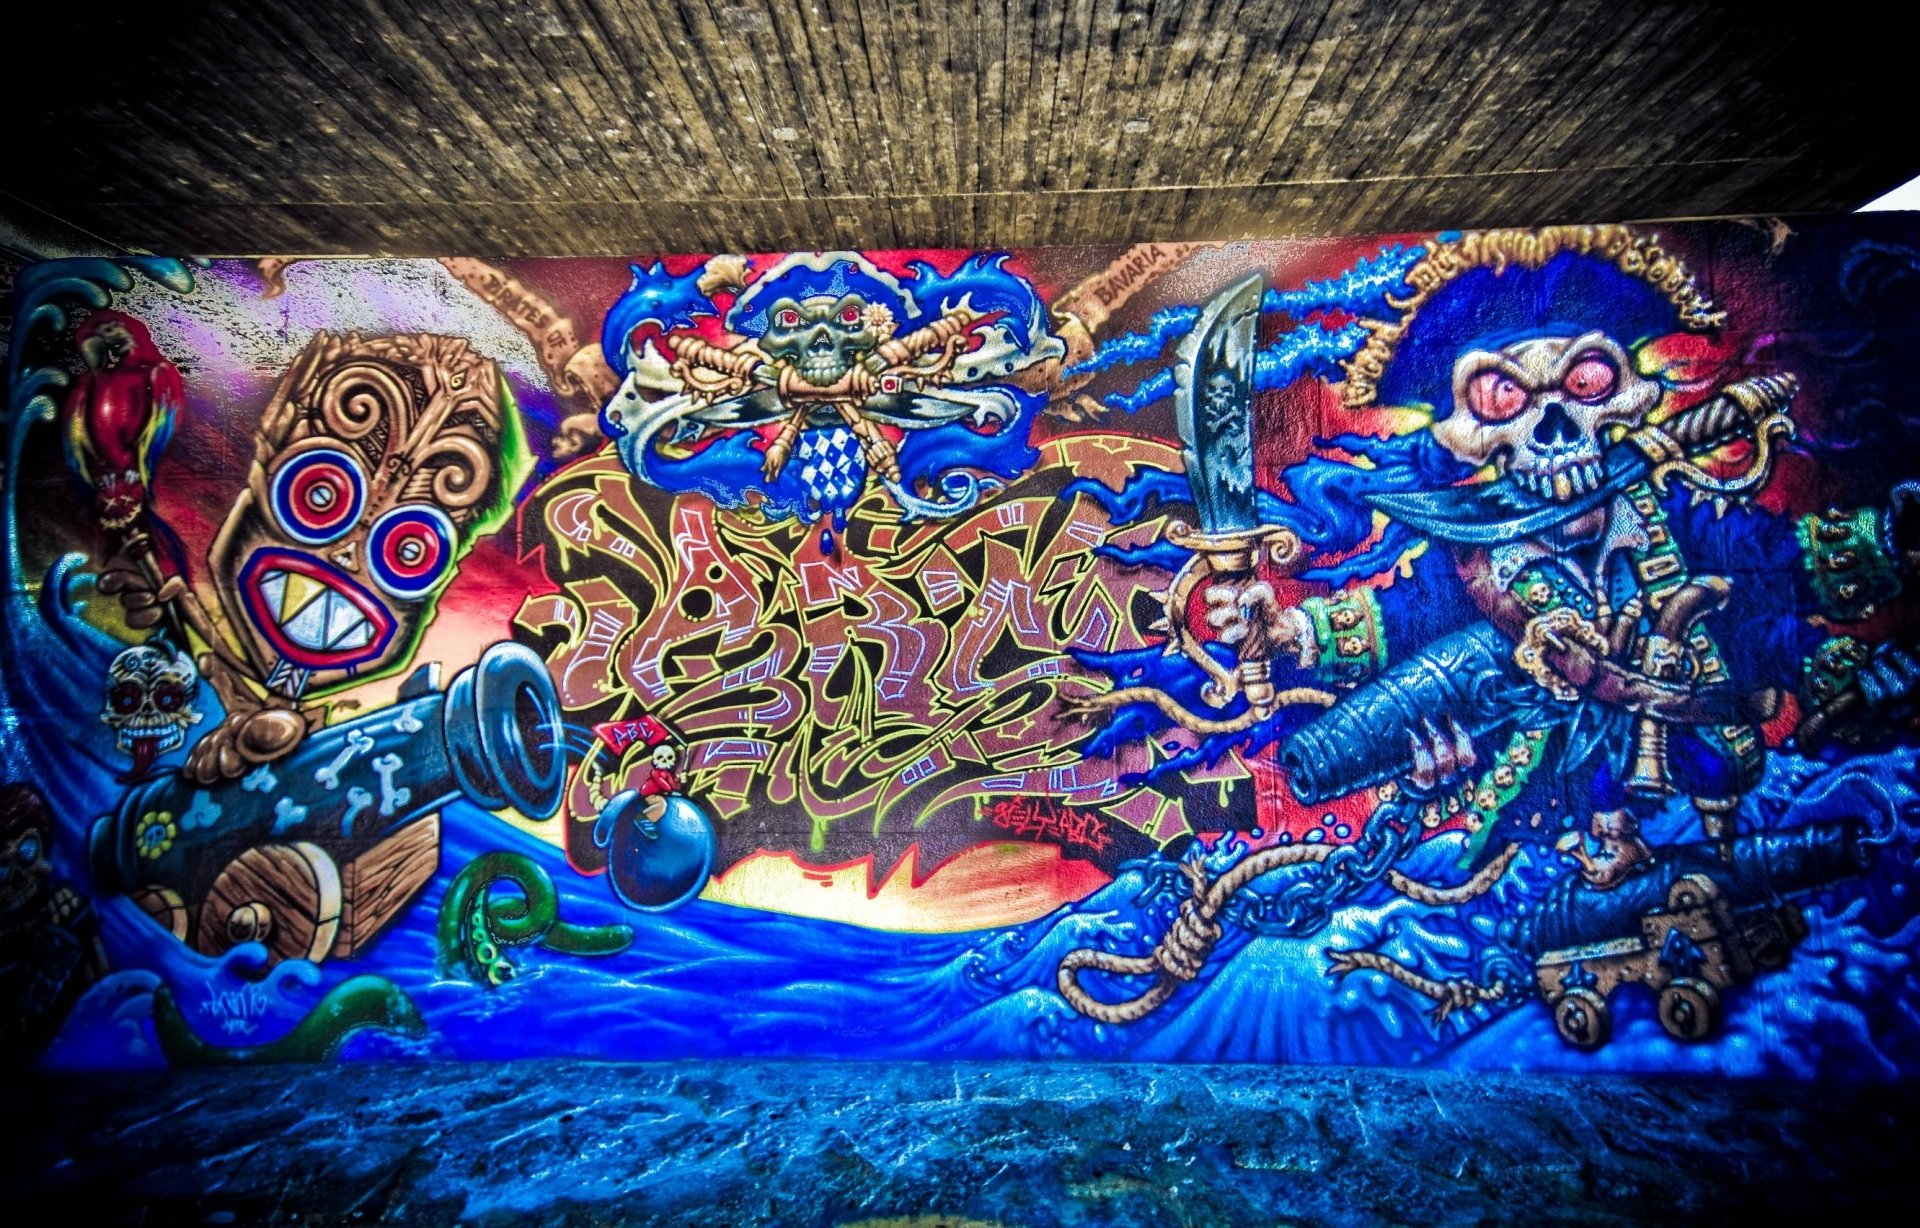 艺术 - 涂鸦  艺术 海盗 蓝色 壁纸